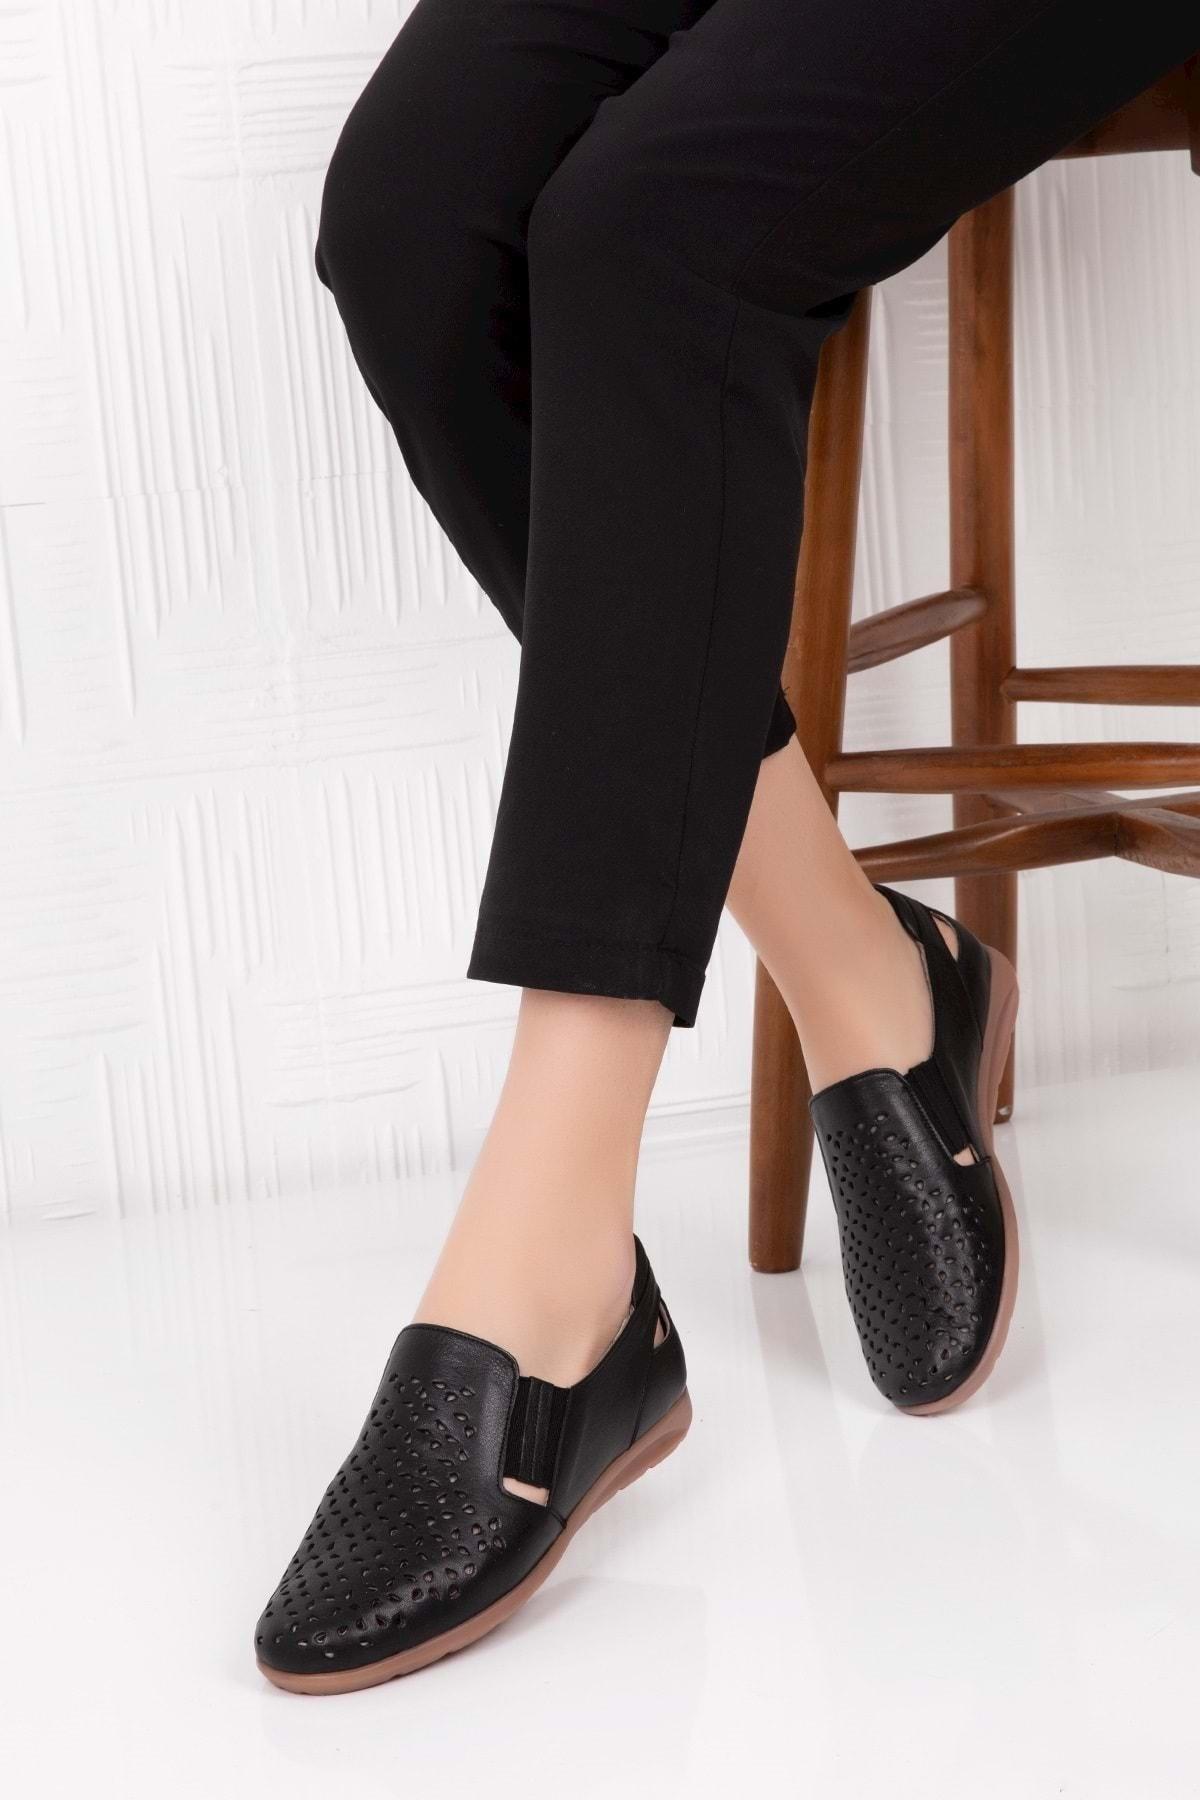 Gondol Kadın Siyah Hakiki Deri Ortopedik Taban Günlük Ayakkabı 39 Esfa.152y 1